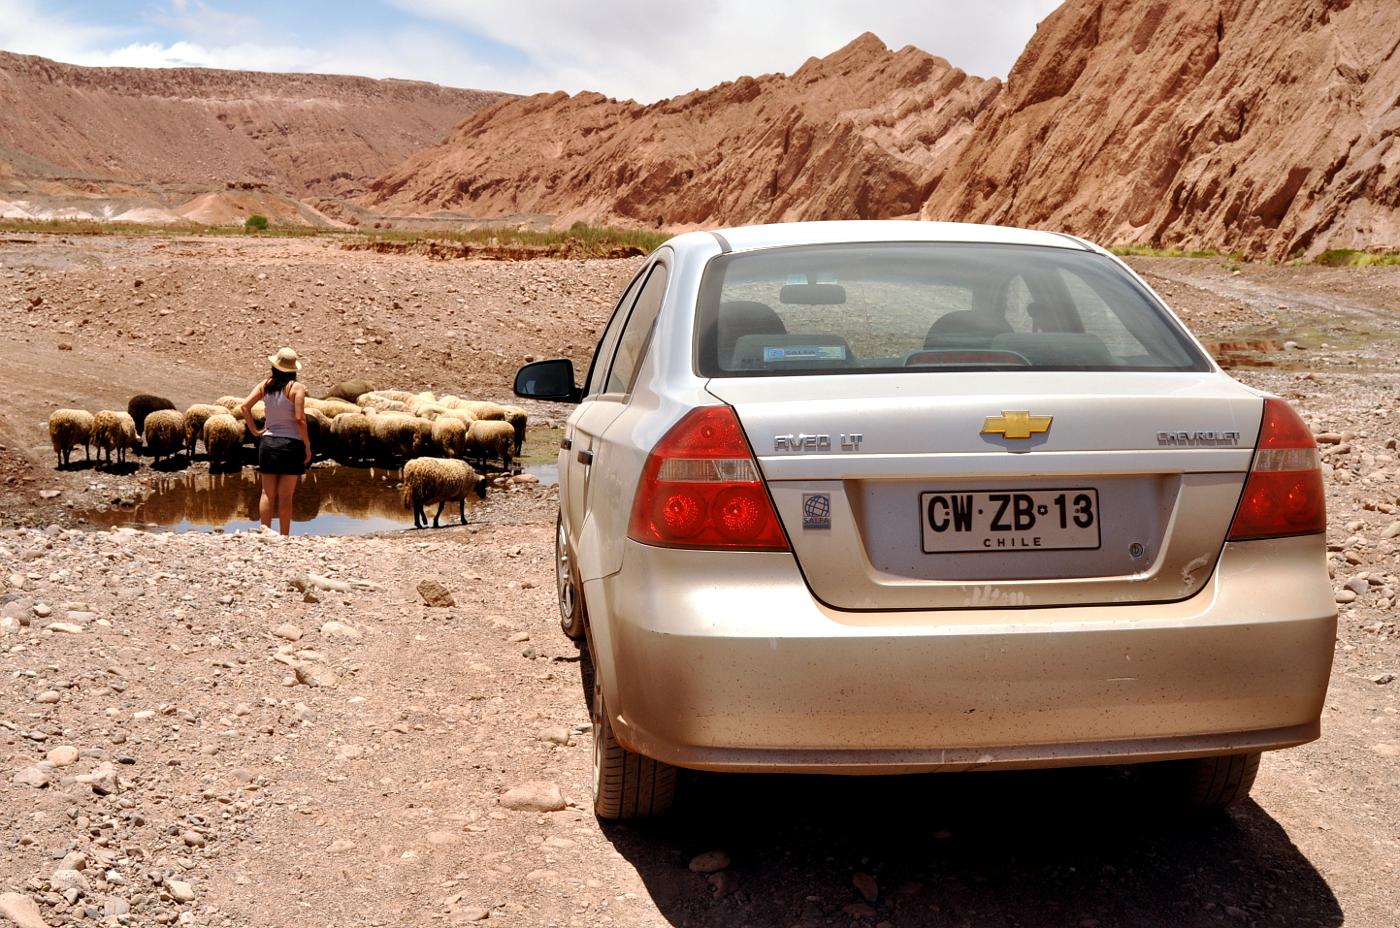 ovelhas no trânsito de Atacama